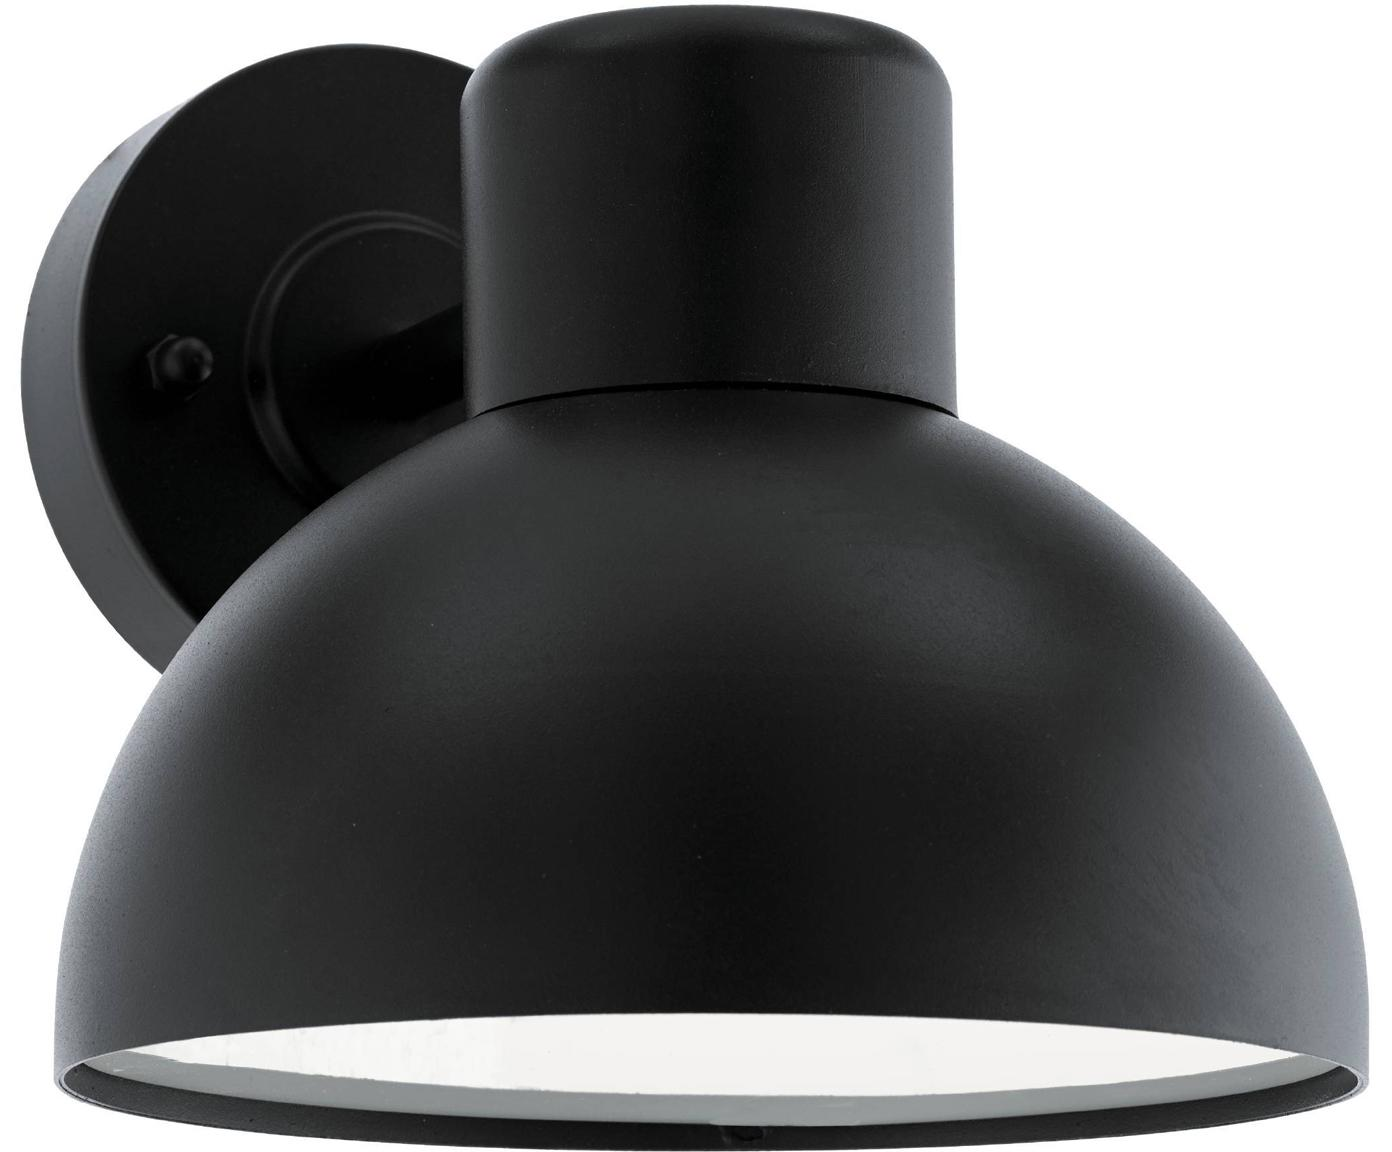 Aplique para exterior Entrimo, Pantalla: acero galvanizado, Negro, An 20 x F 19 cm